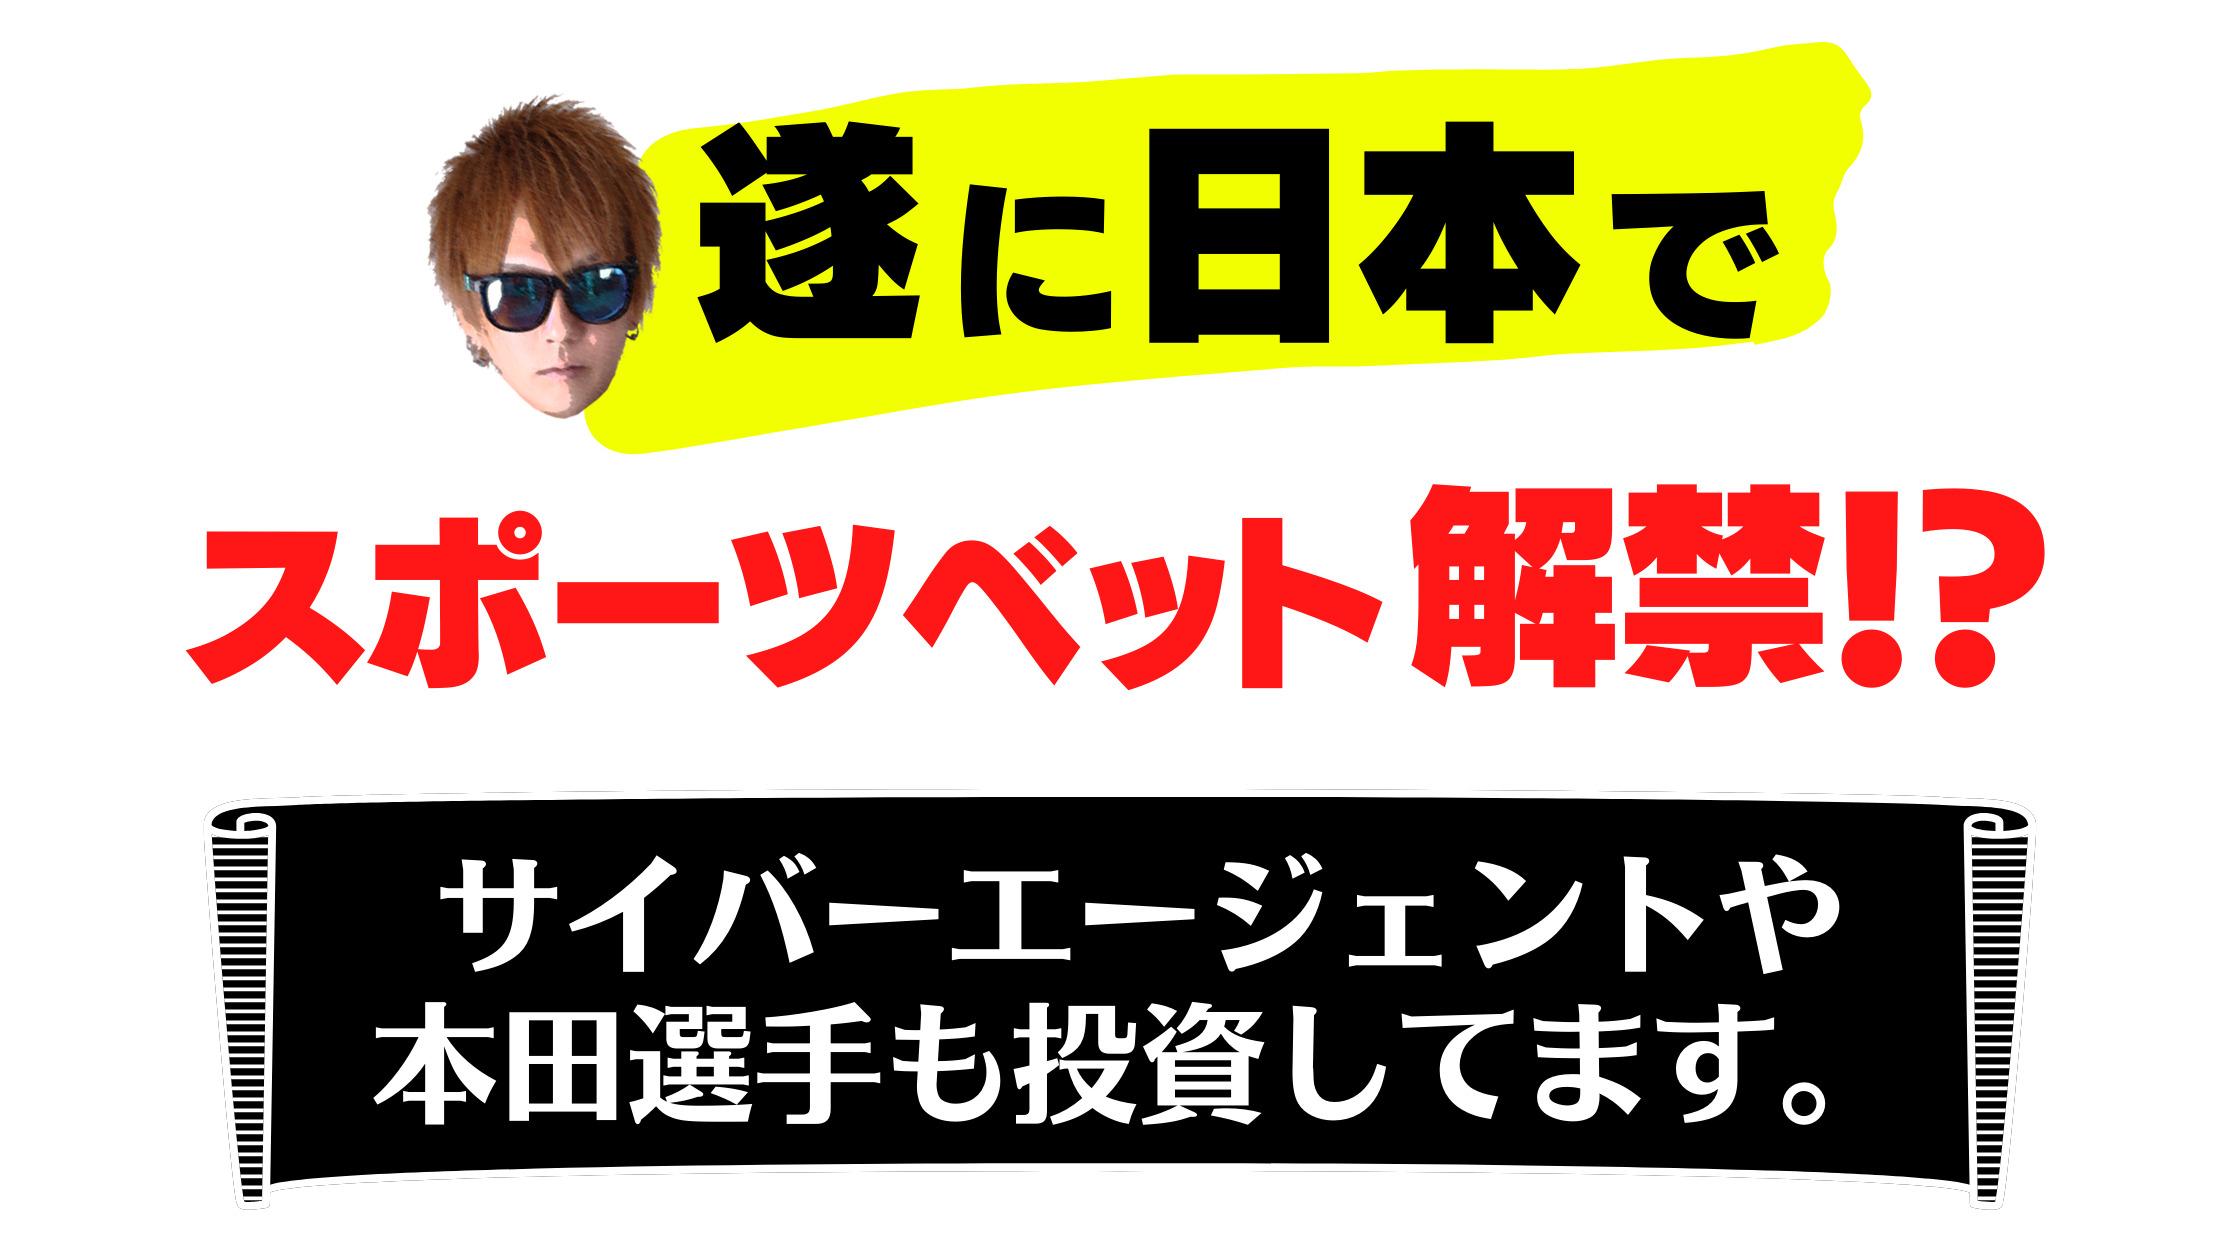 日本でスポーツベット合法化か!?実は既に日本の企業が参戦してます。